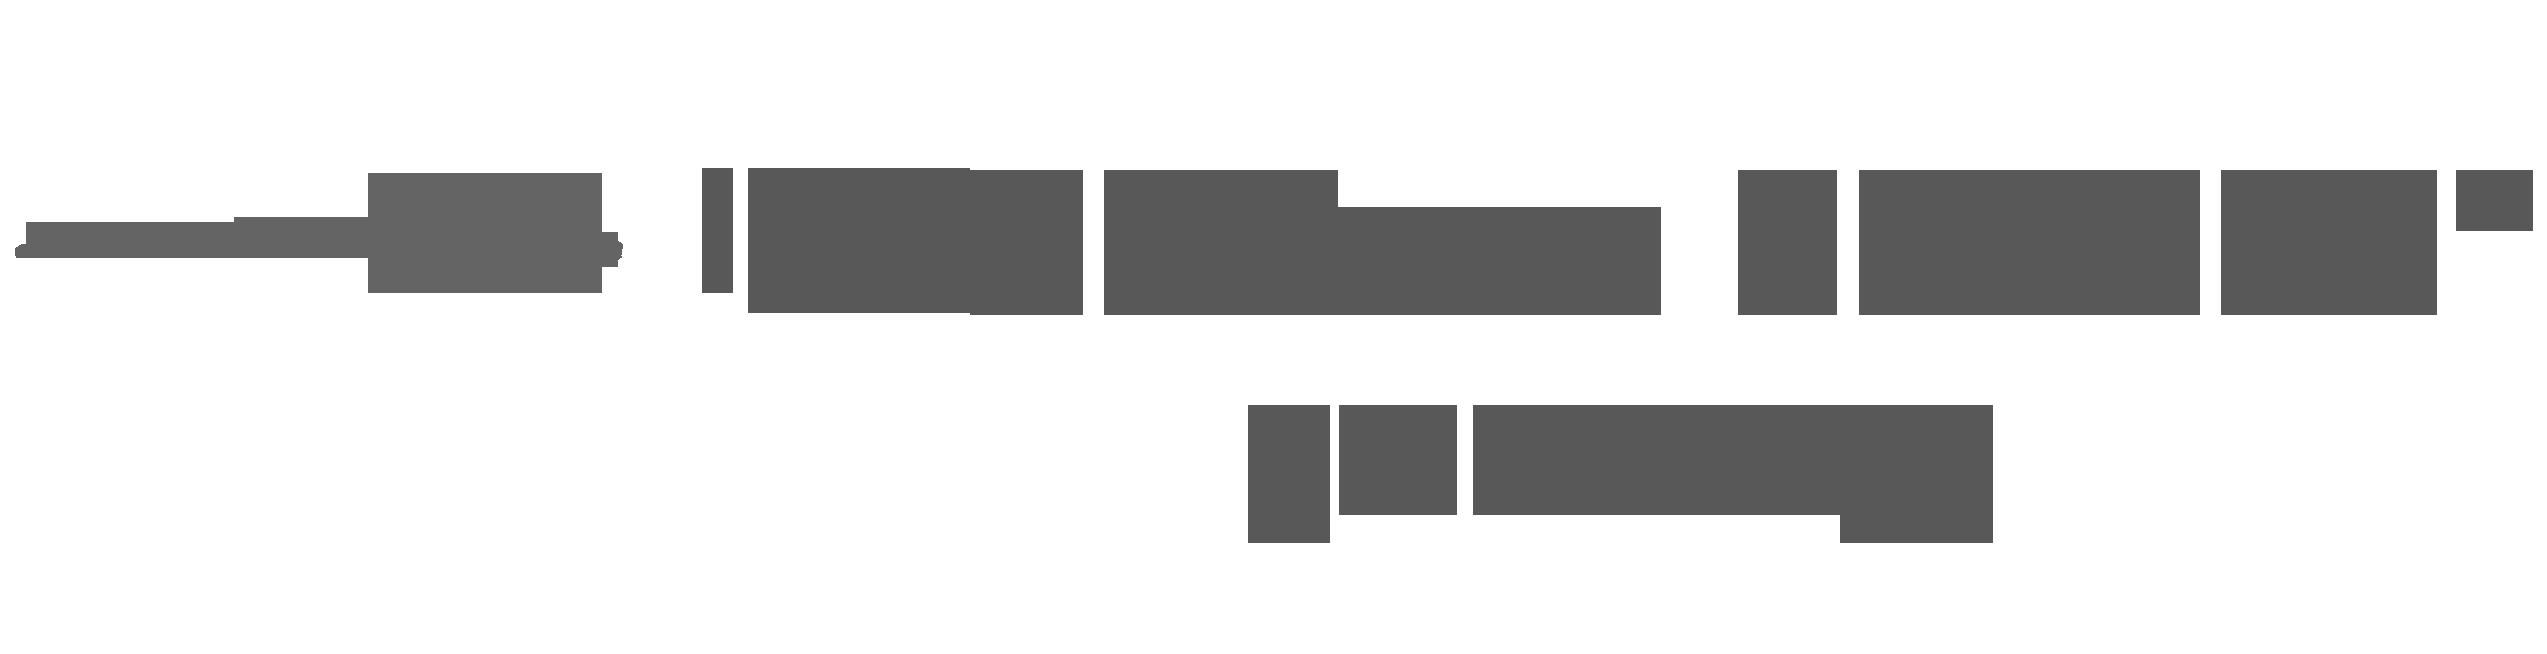 Huānyíng Péngyǒu translated to Welcome Friends